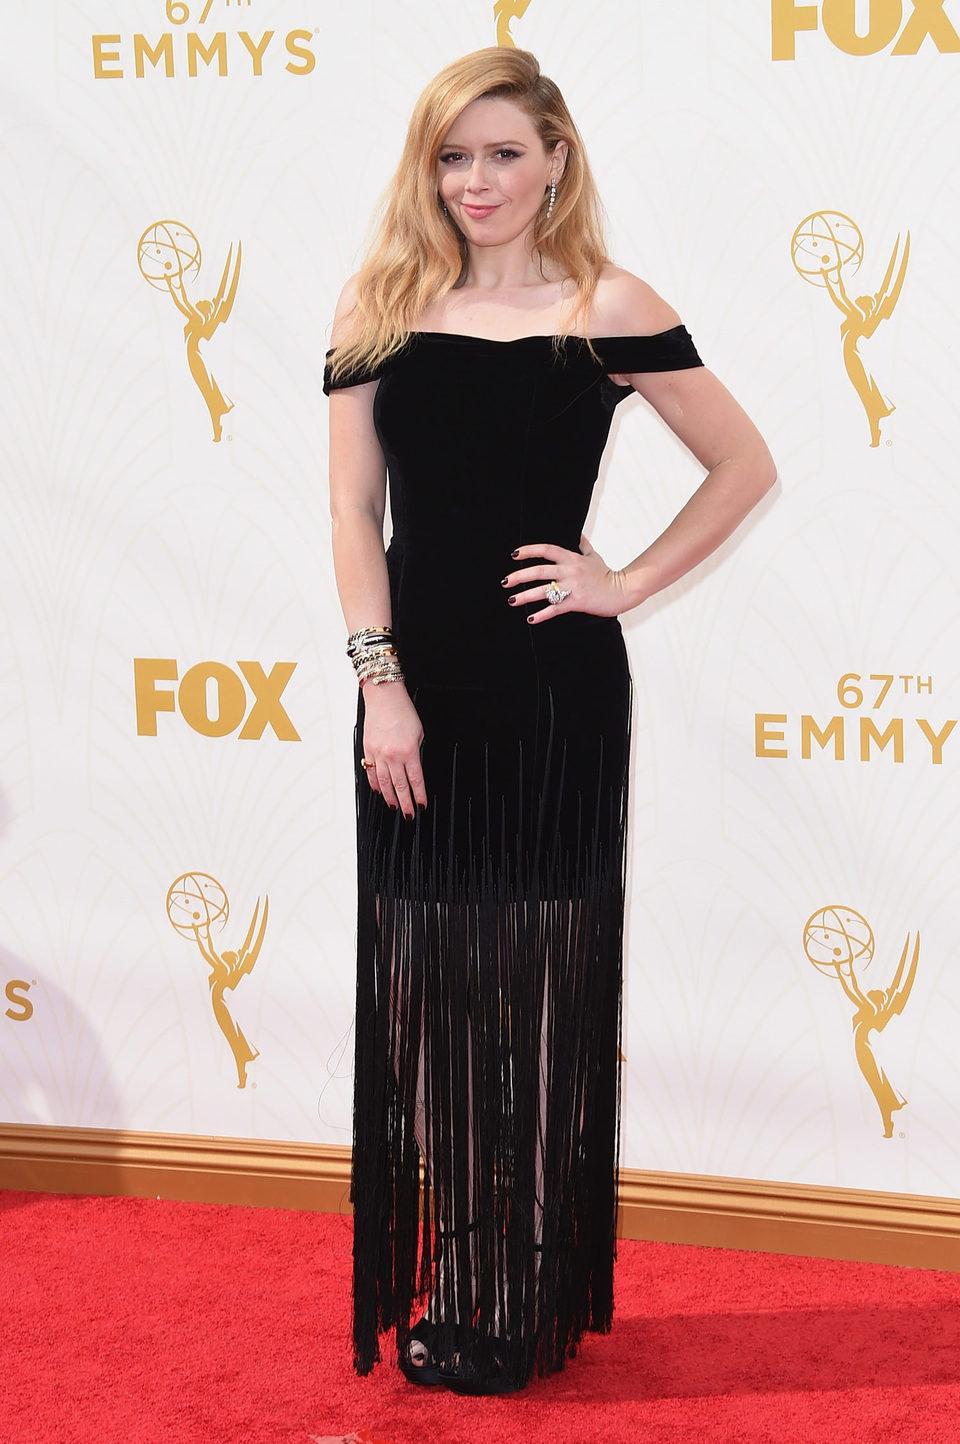 Natasha Lyonne en la alfombra roja de los Premios Emmy 2015